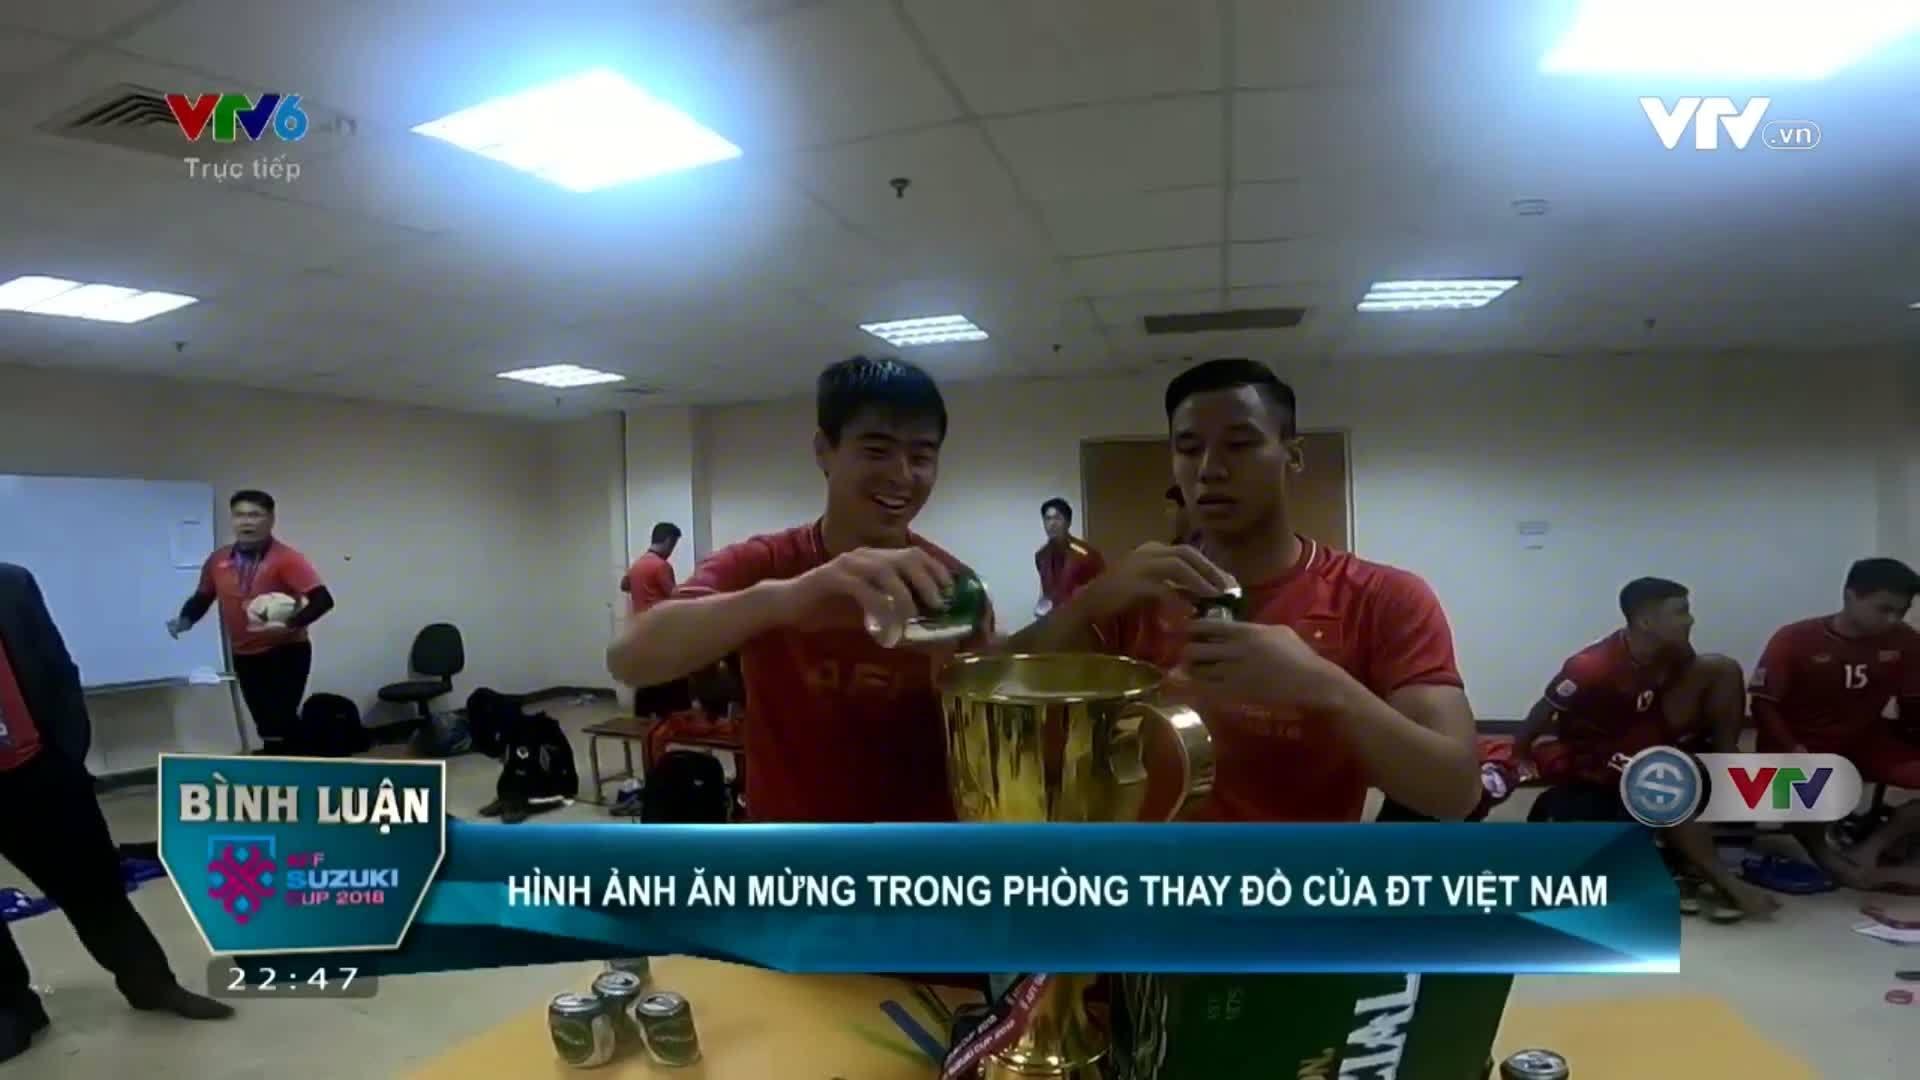 Sau chiến thắng, tuyển Việt Nam uống bia bằng Cup vô địch